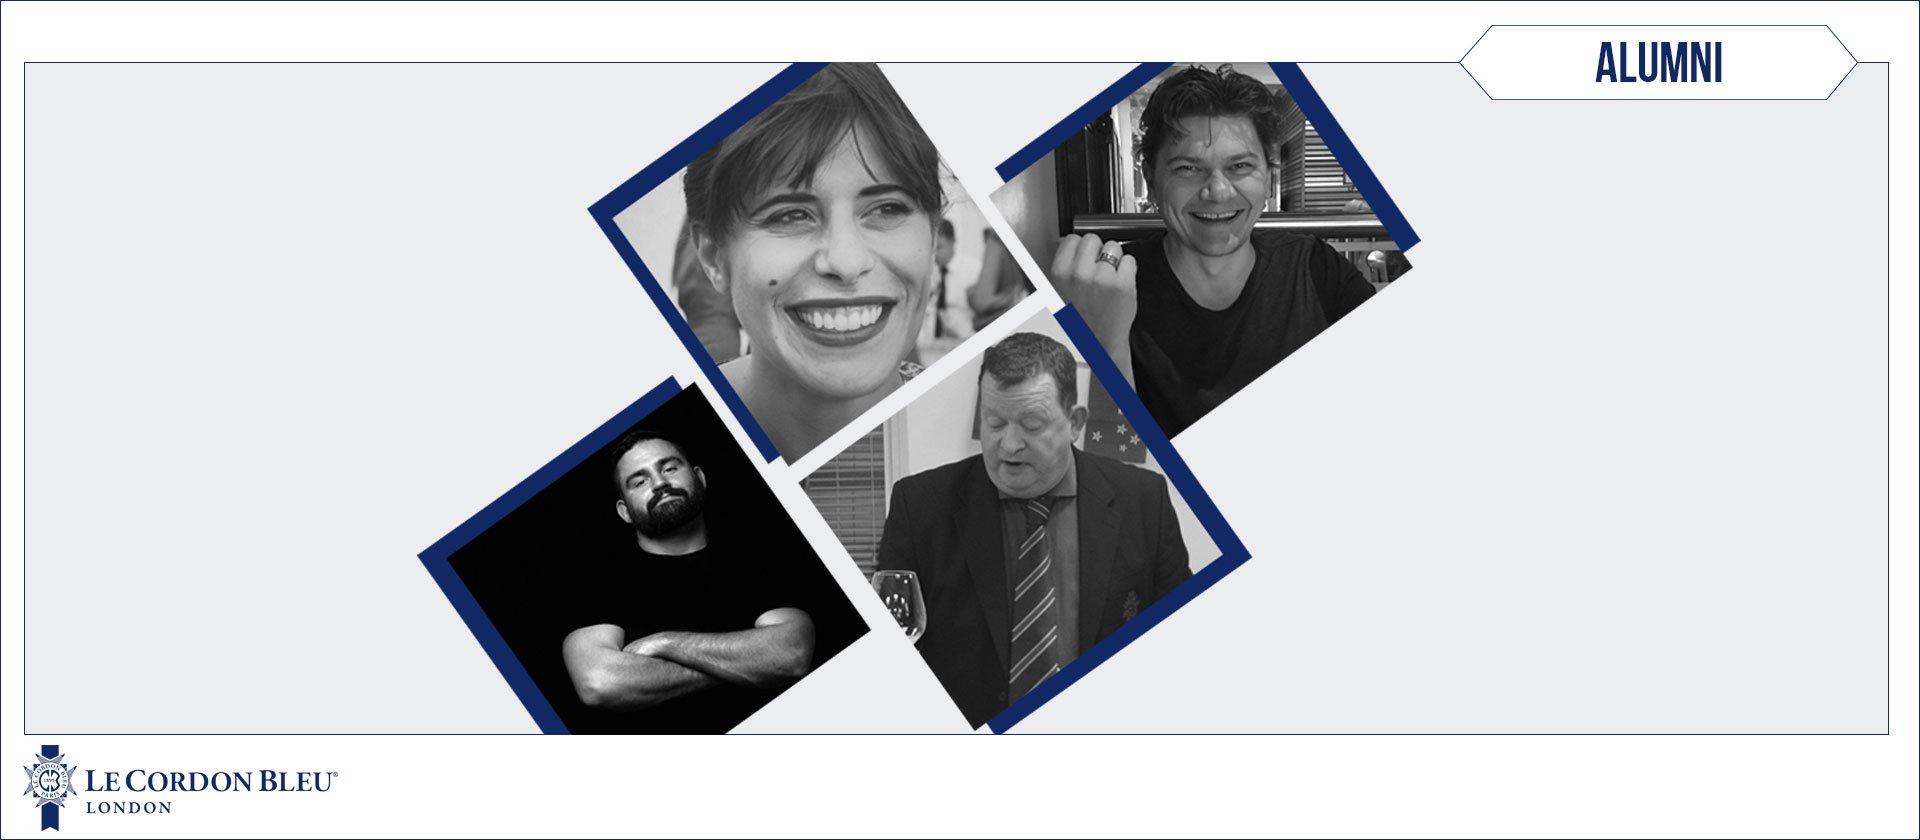 alumni of le cordon bleu london